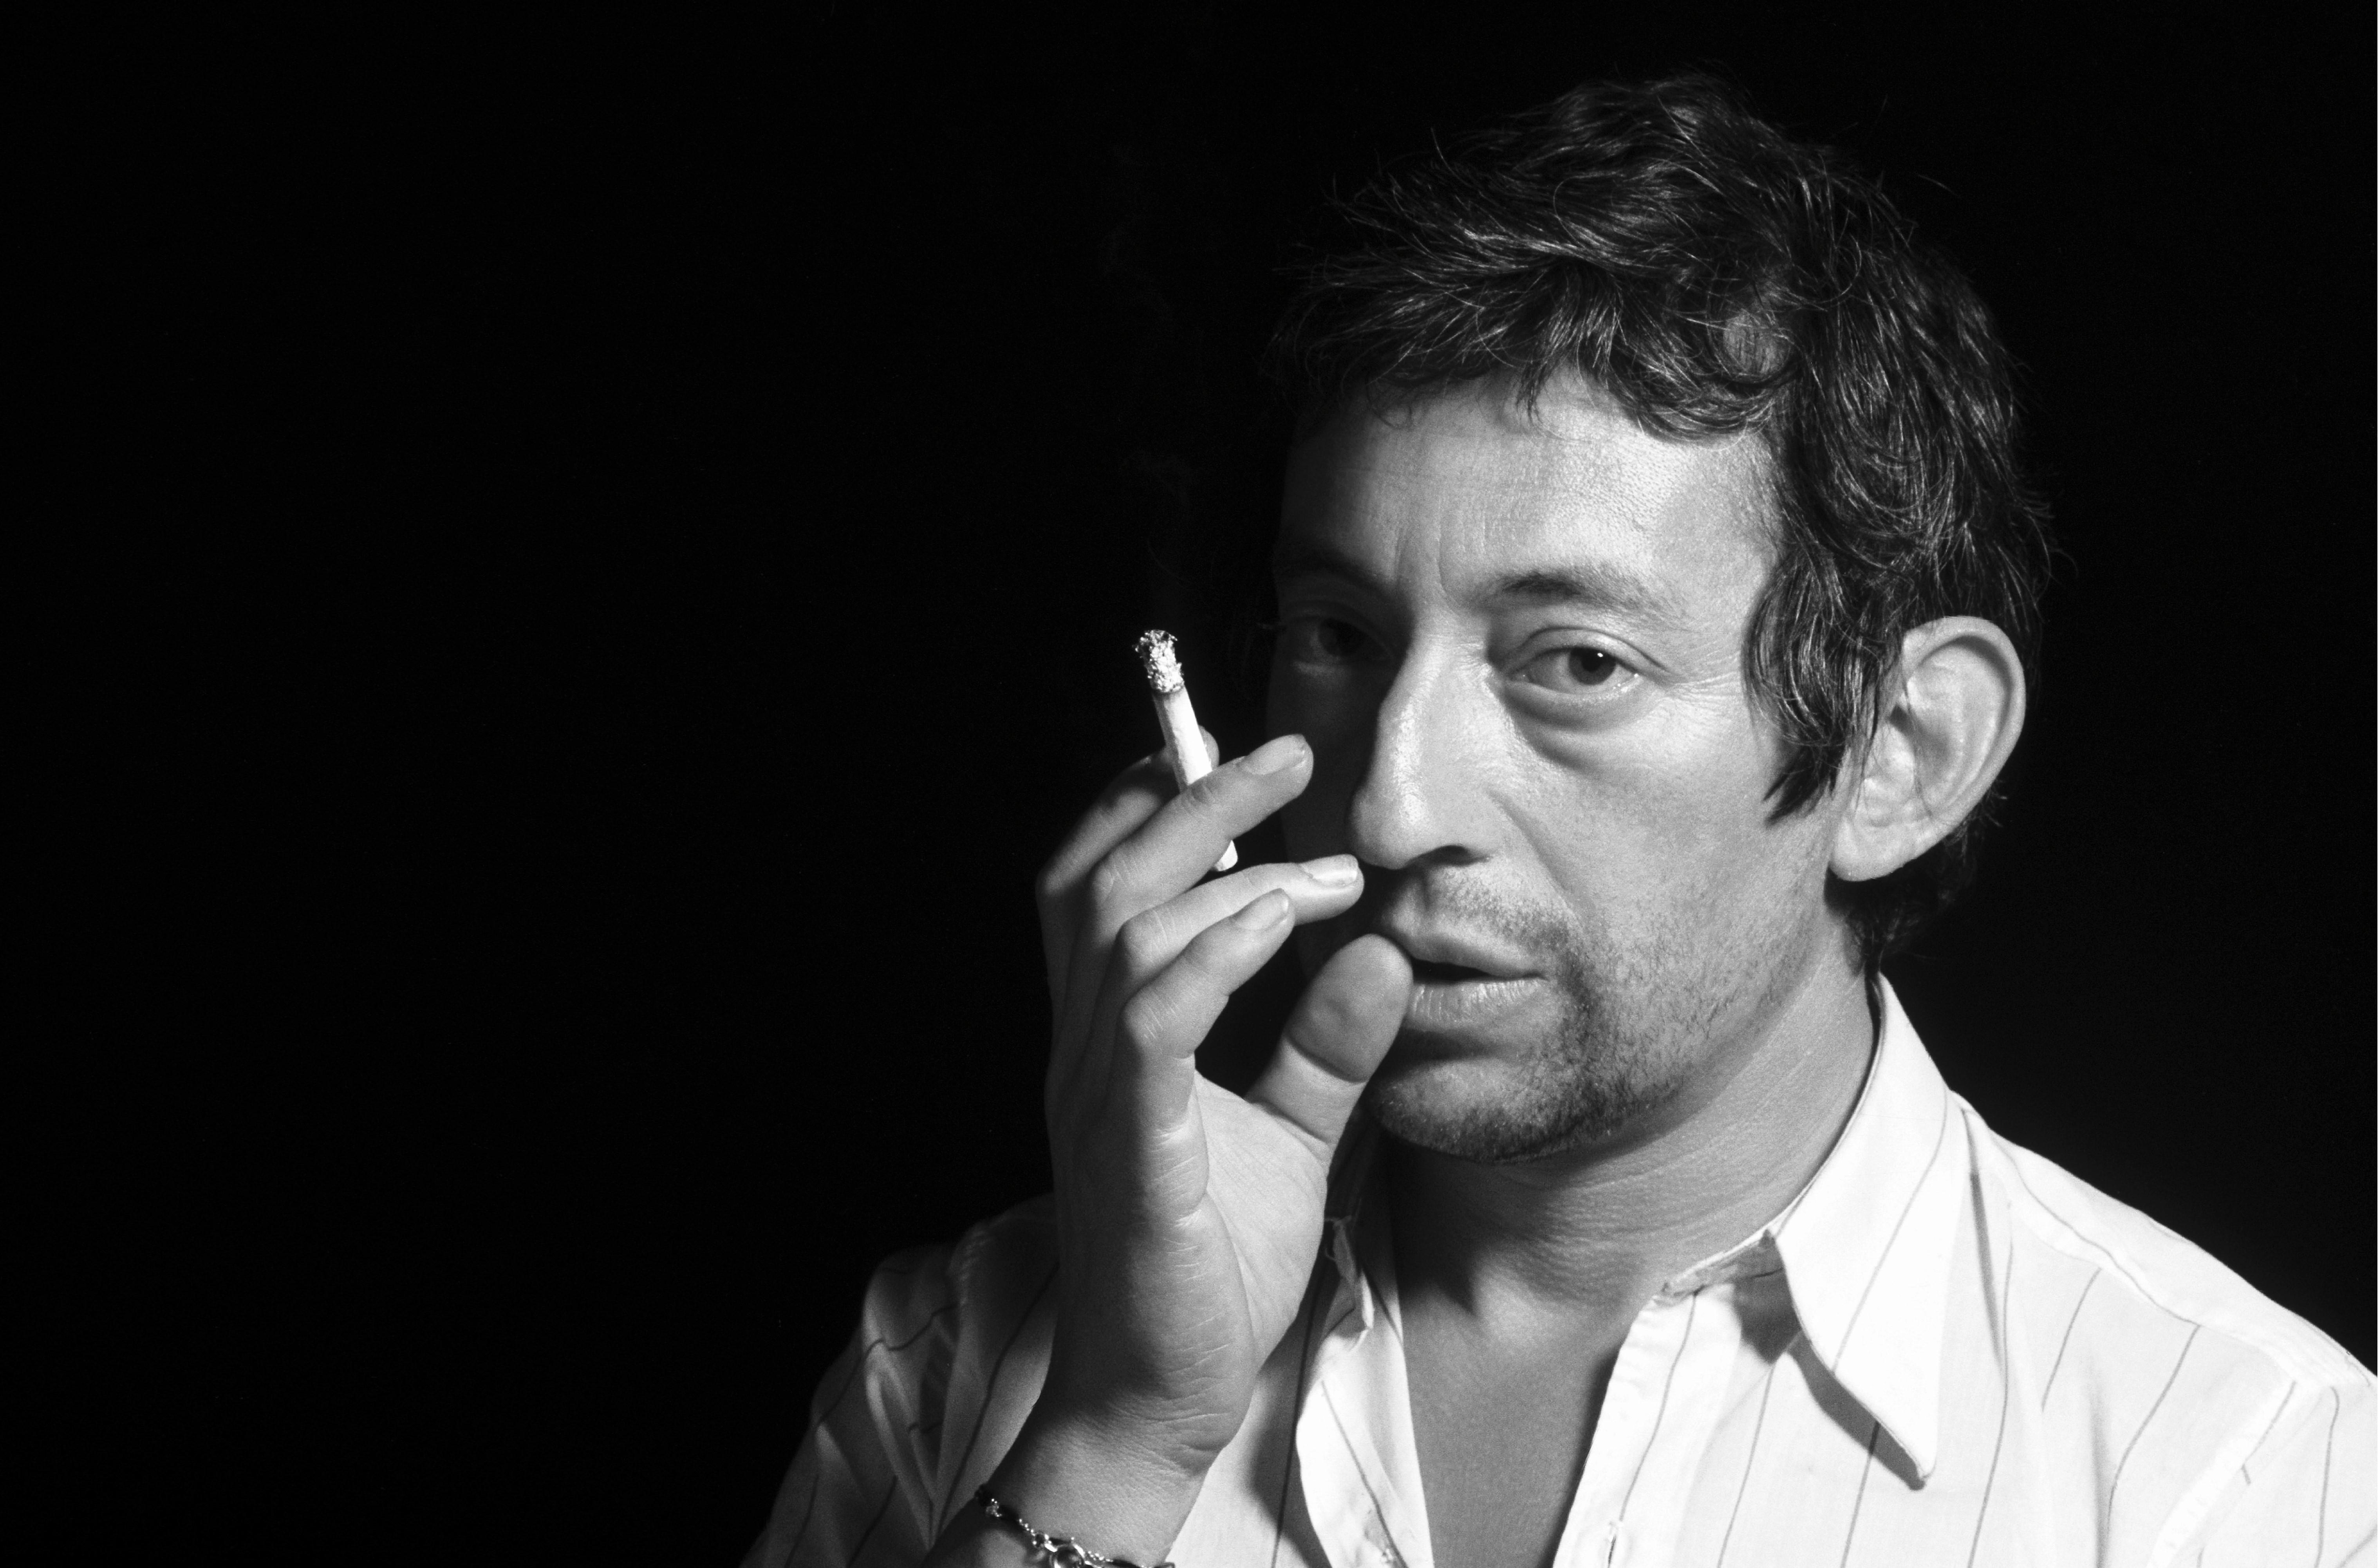 Homenaje a Serge Gainsbourg, el icono francés, de Tony Frank